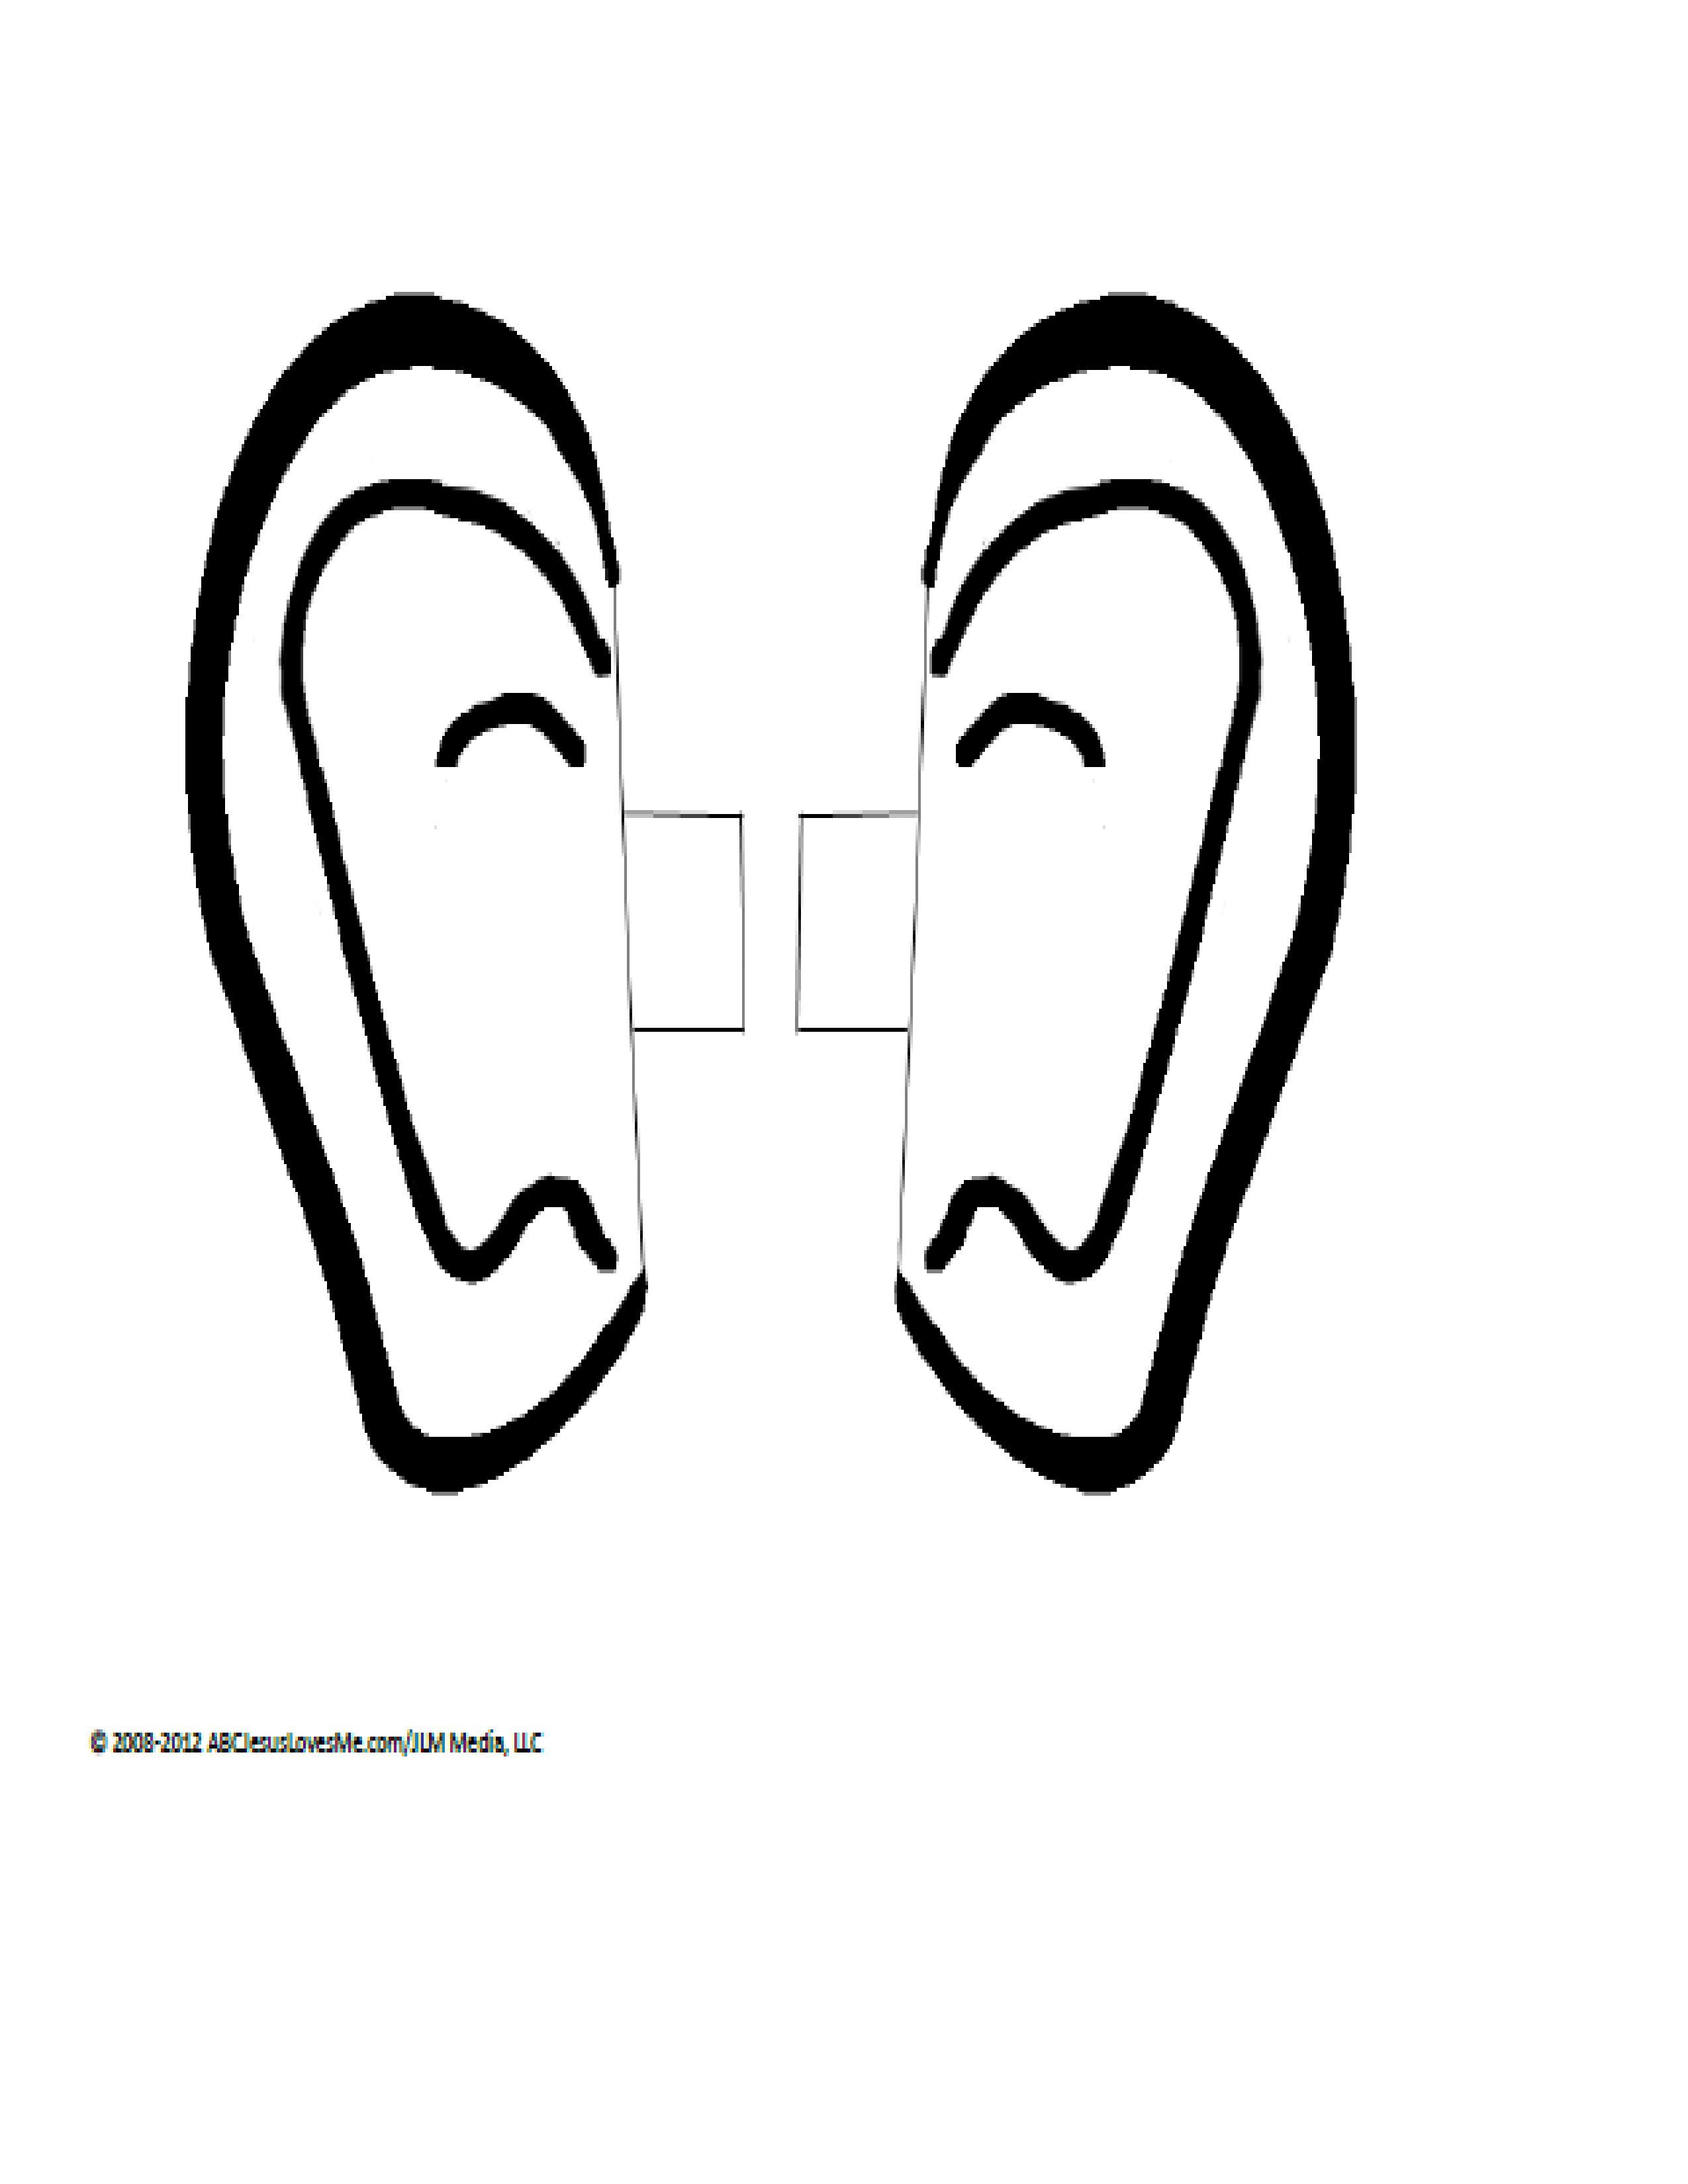 BEGINNER LEVEL 1: Lesson 18 Listening Ears Craft - 911 Life